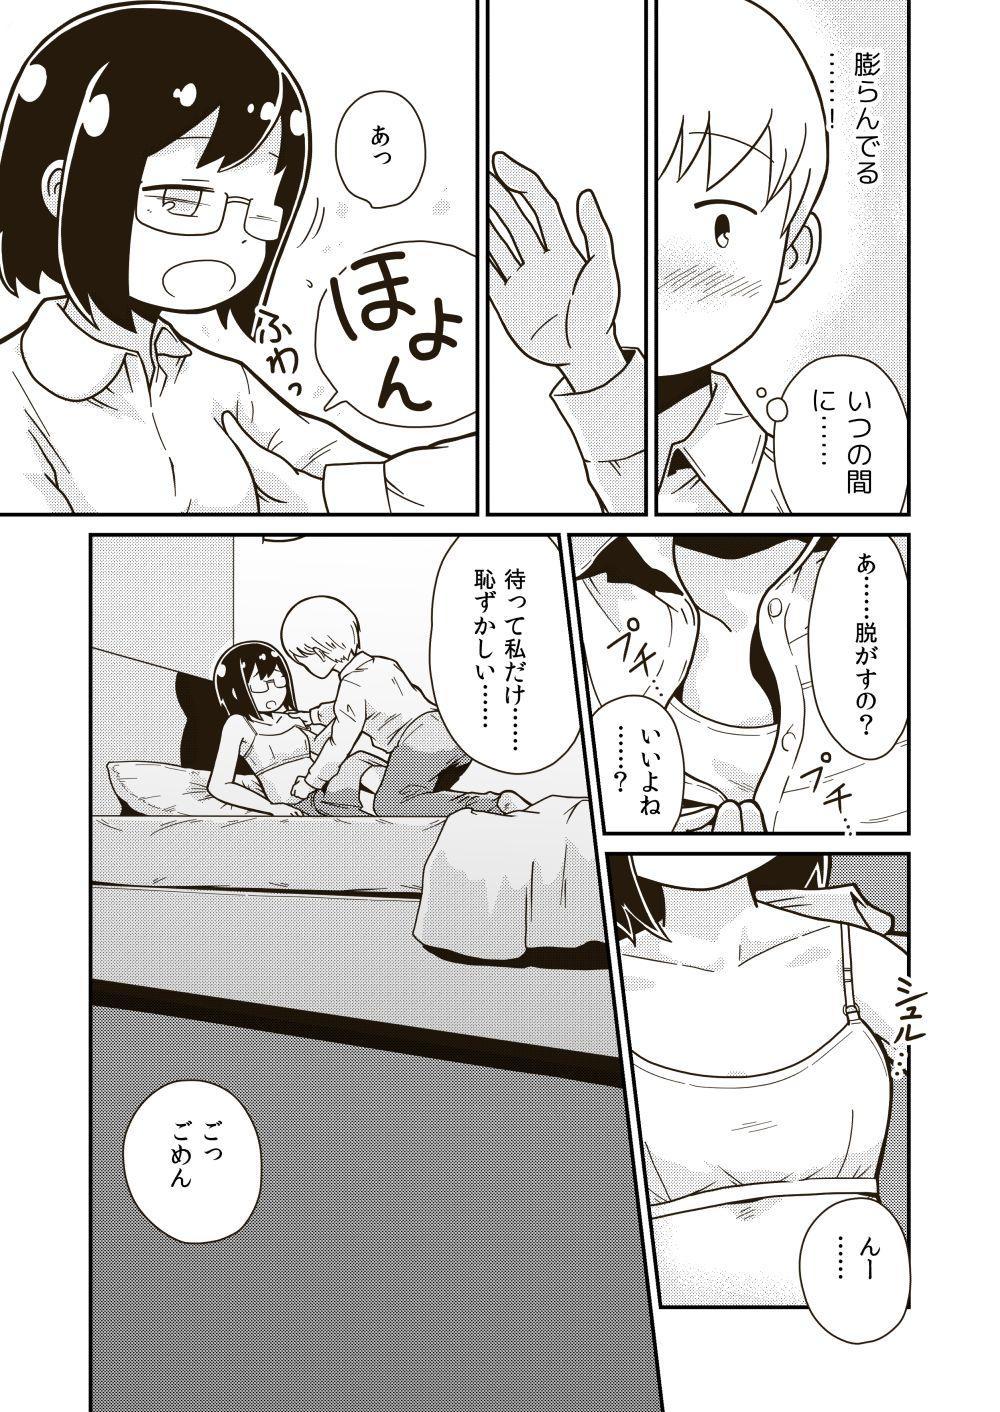 Futari no Hajimete 6